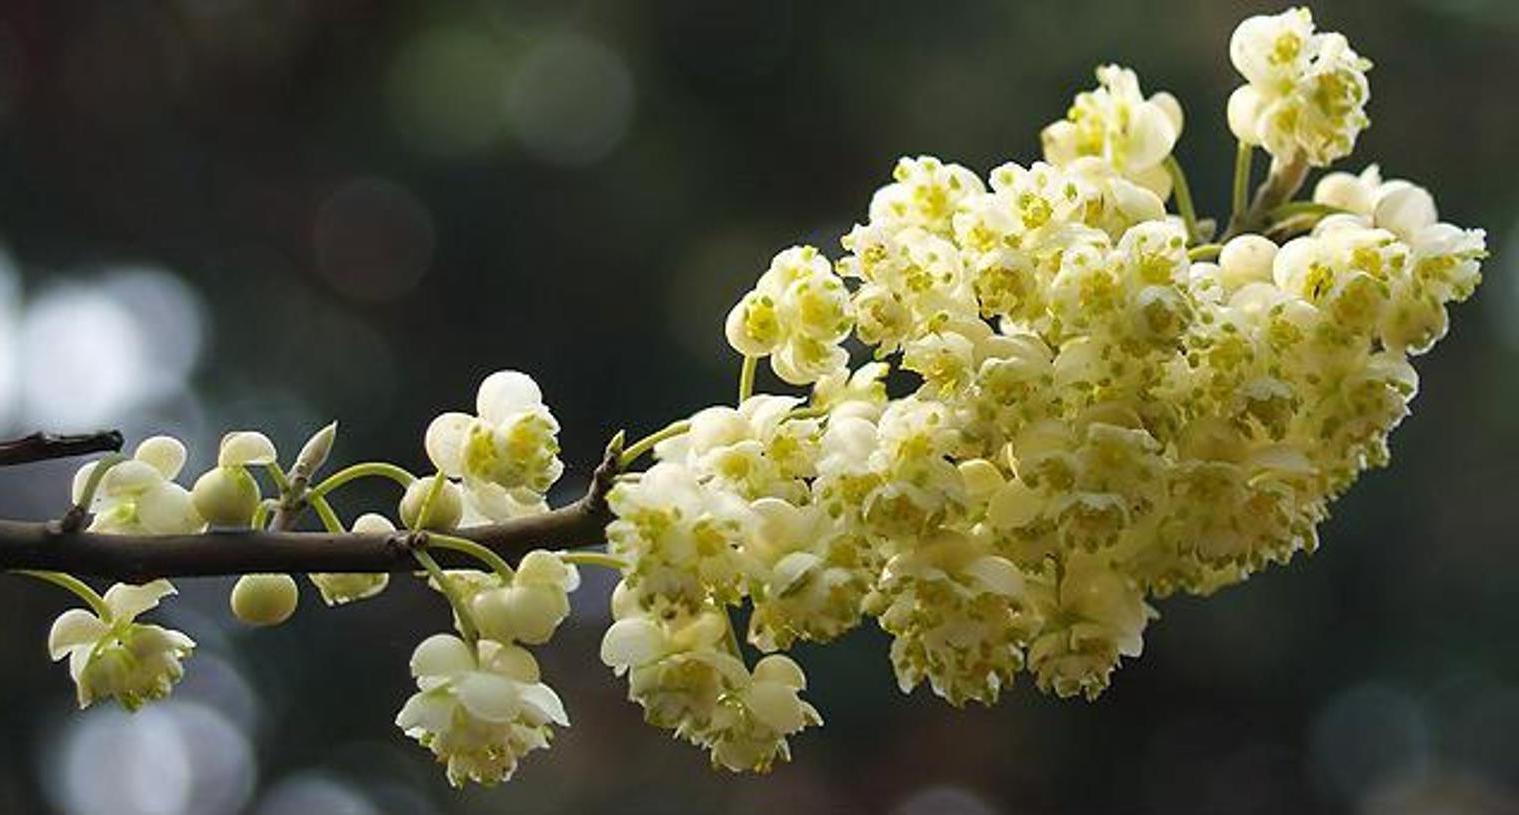 La litsée citronnée ou verveine exotique en huile essentielle